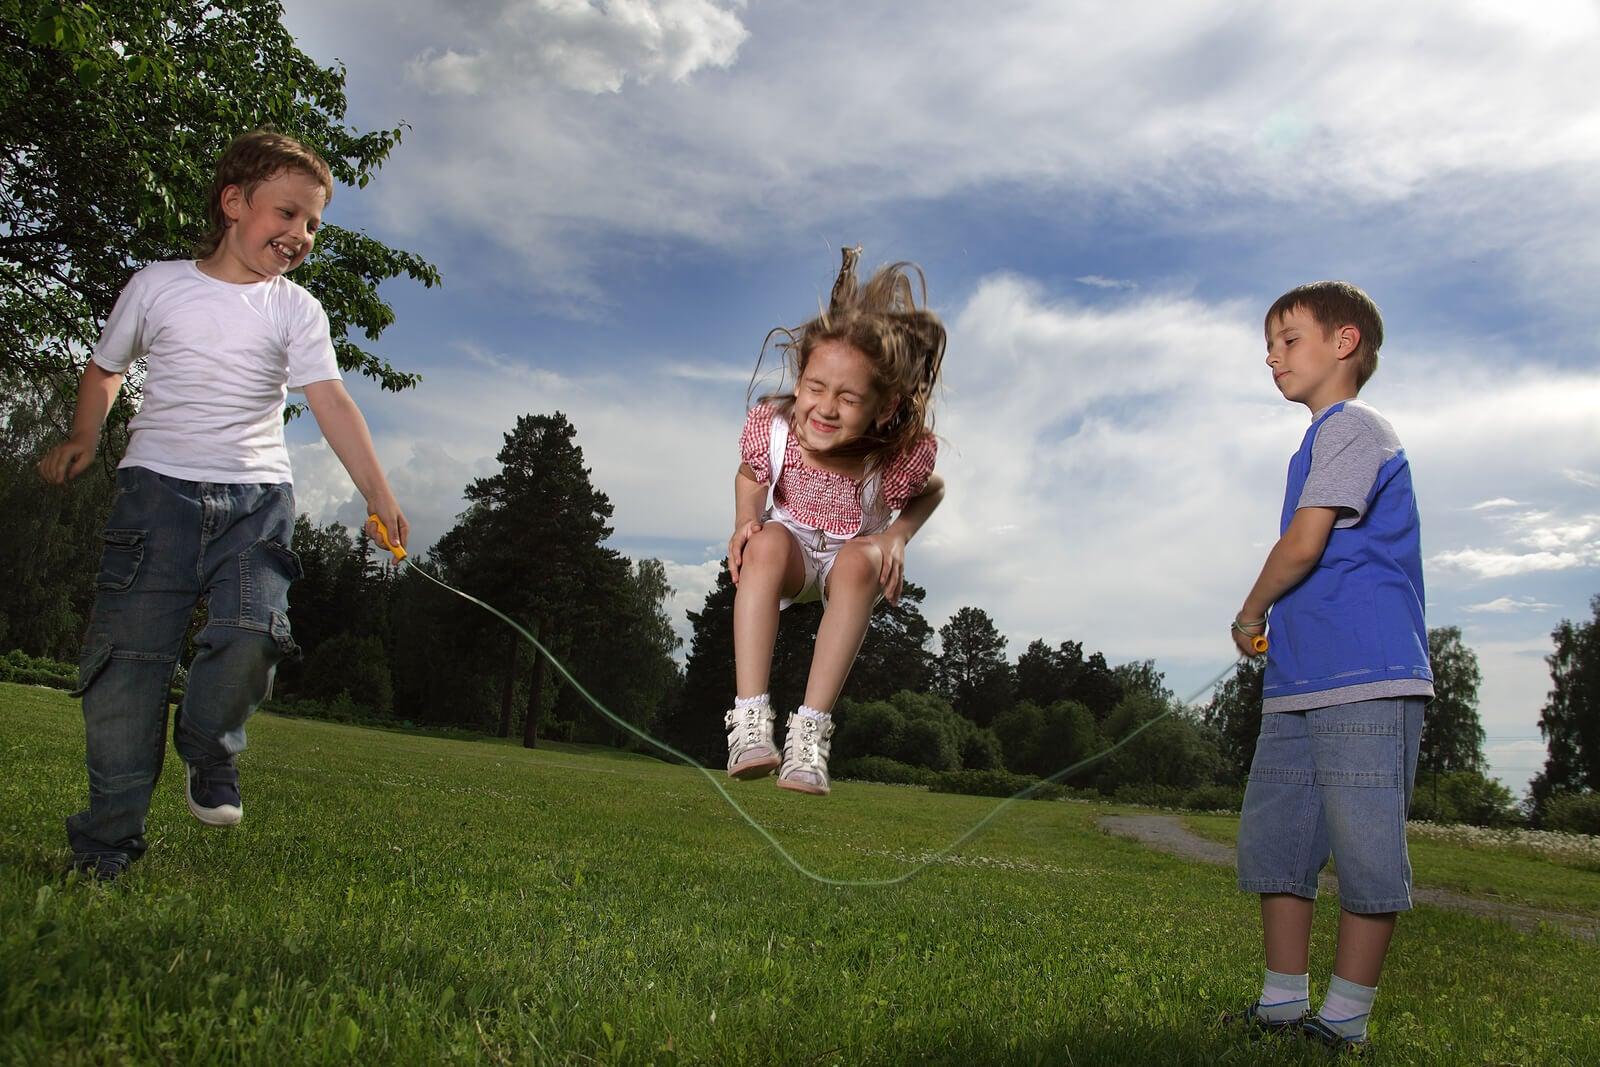 Niños saltando a la cuerda, una de las actividades de movimiento libre más fáciles de hacer.